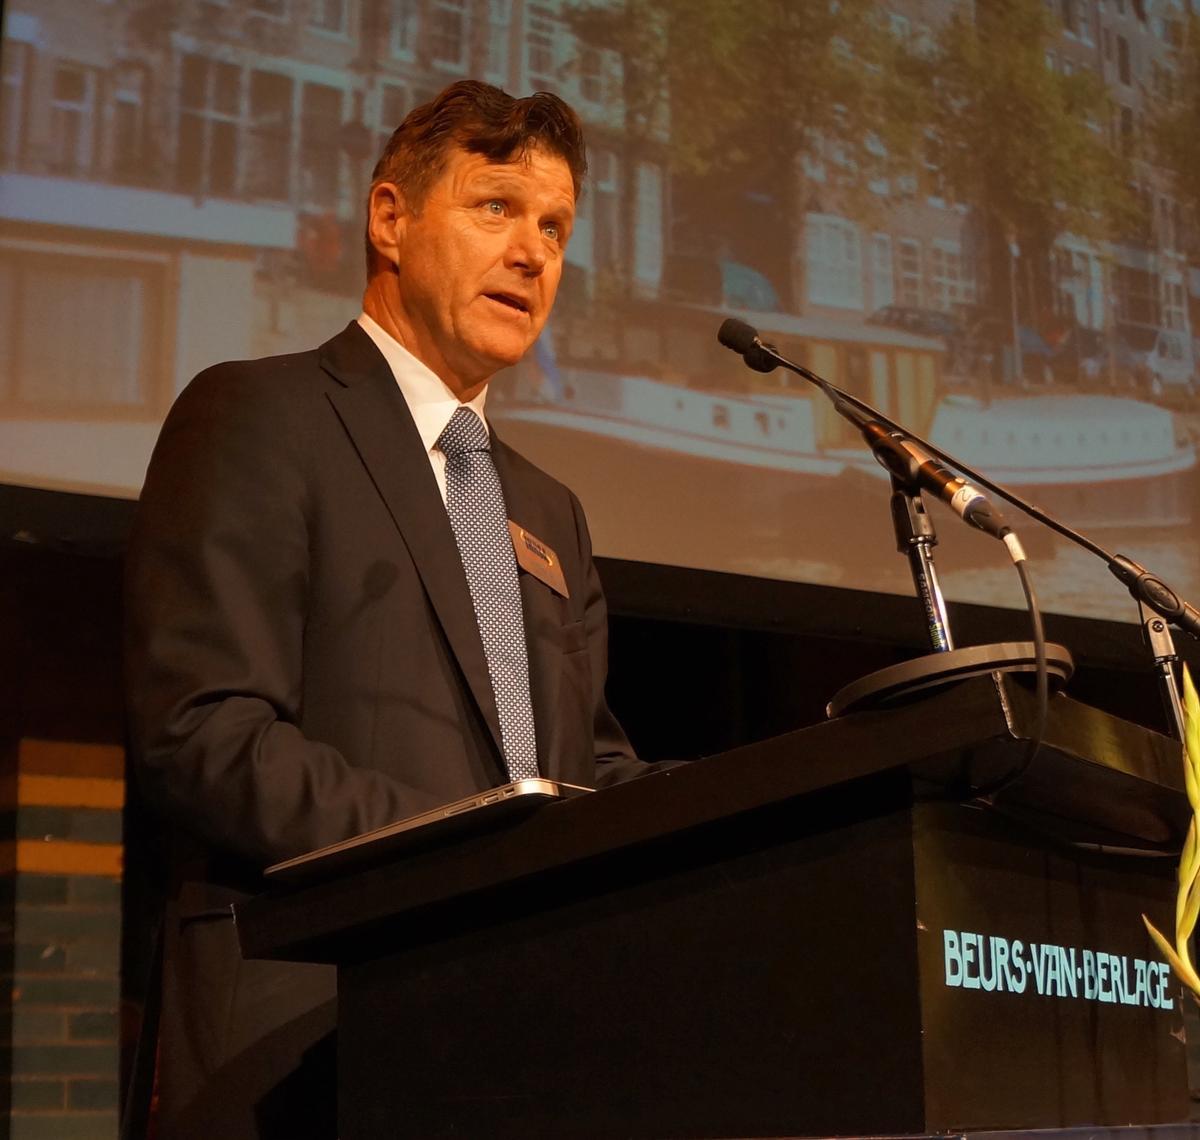 Hans Muench speaking at the 2014 IHRSA European Congress in Amsterdam / IHRSA